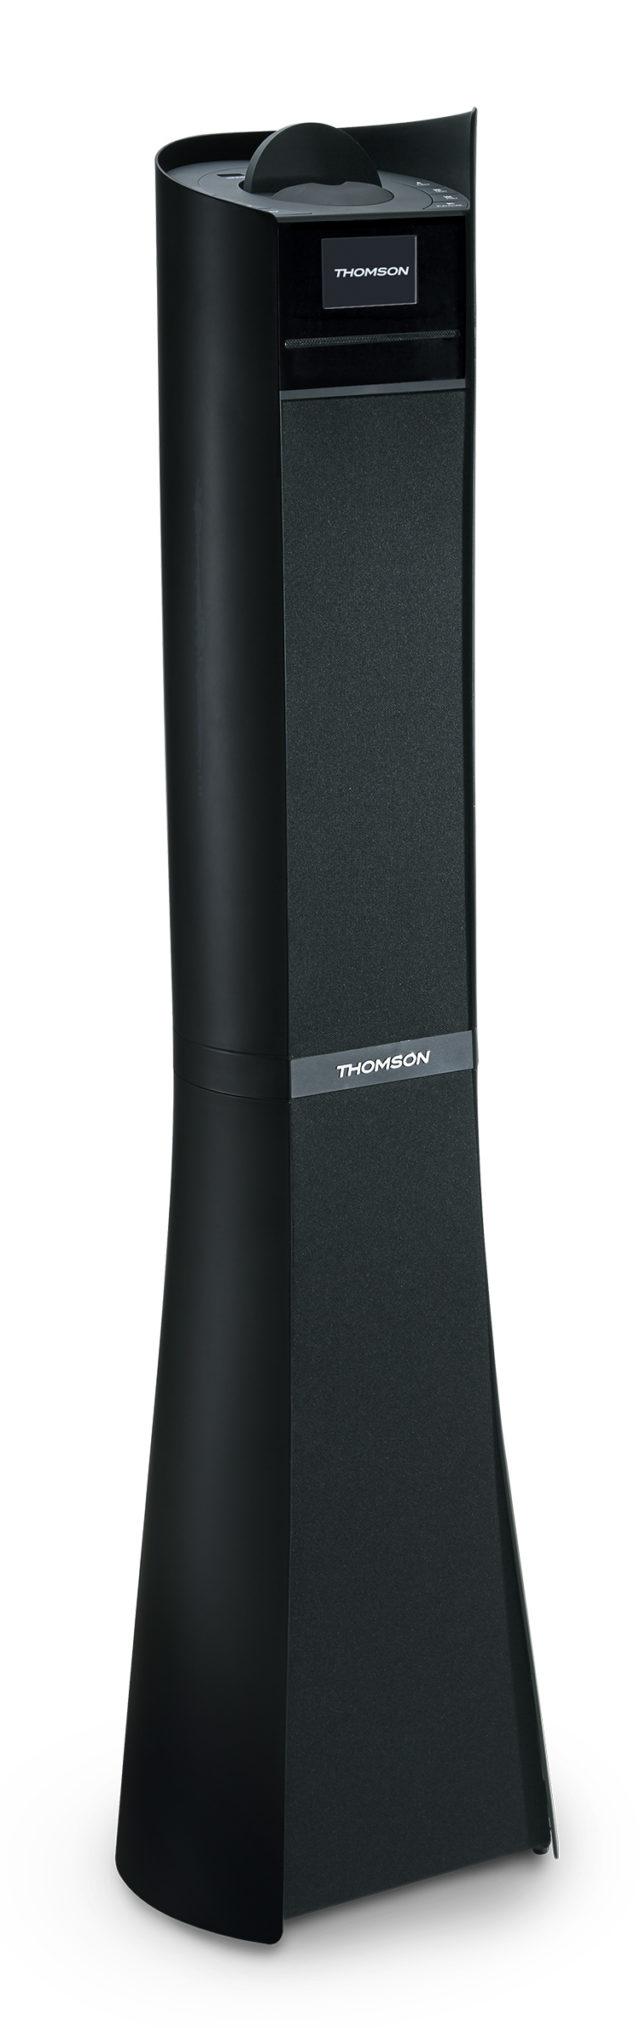 Thomson Sound Tower DS500 – Bild